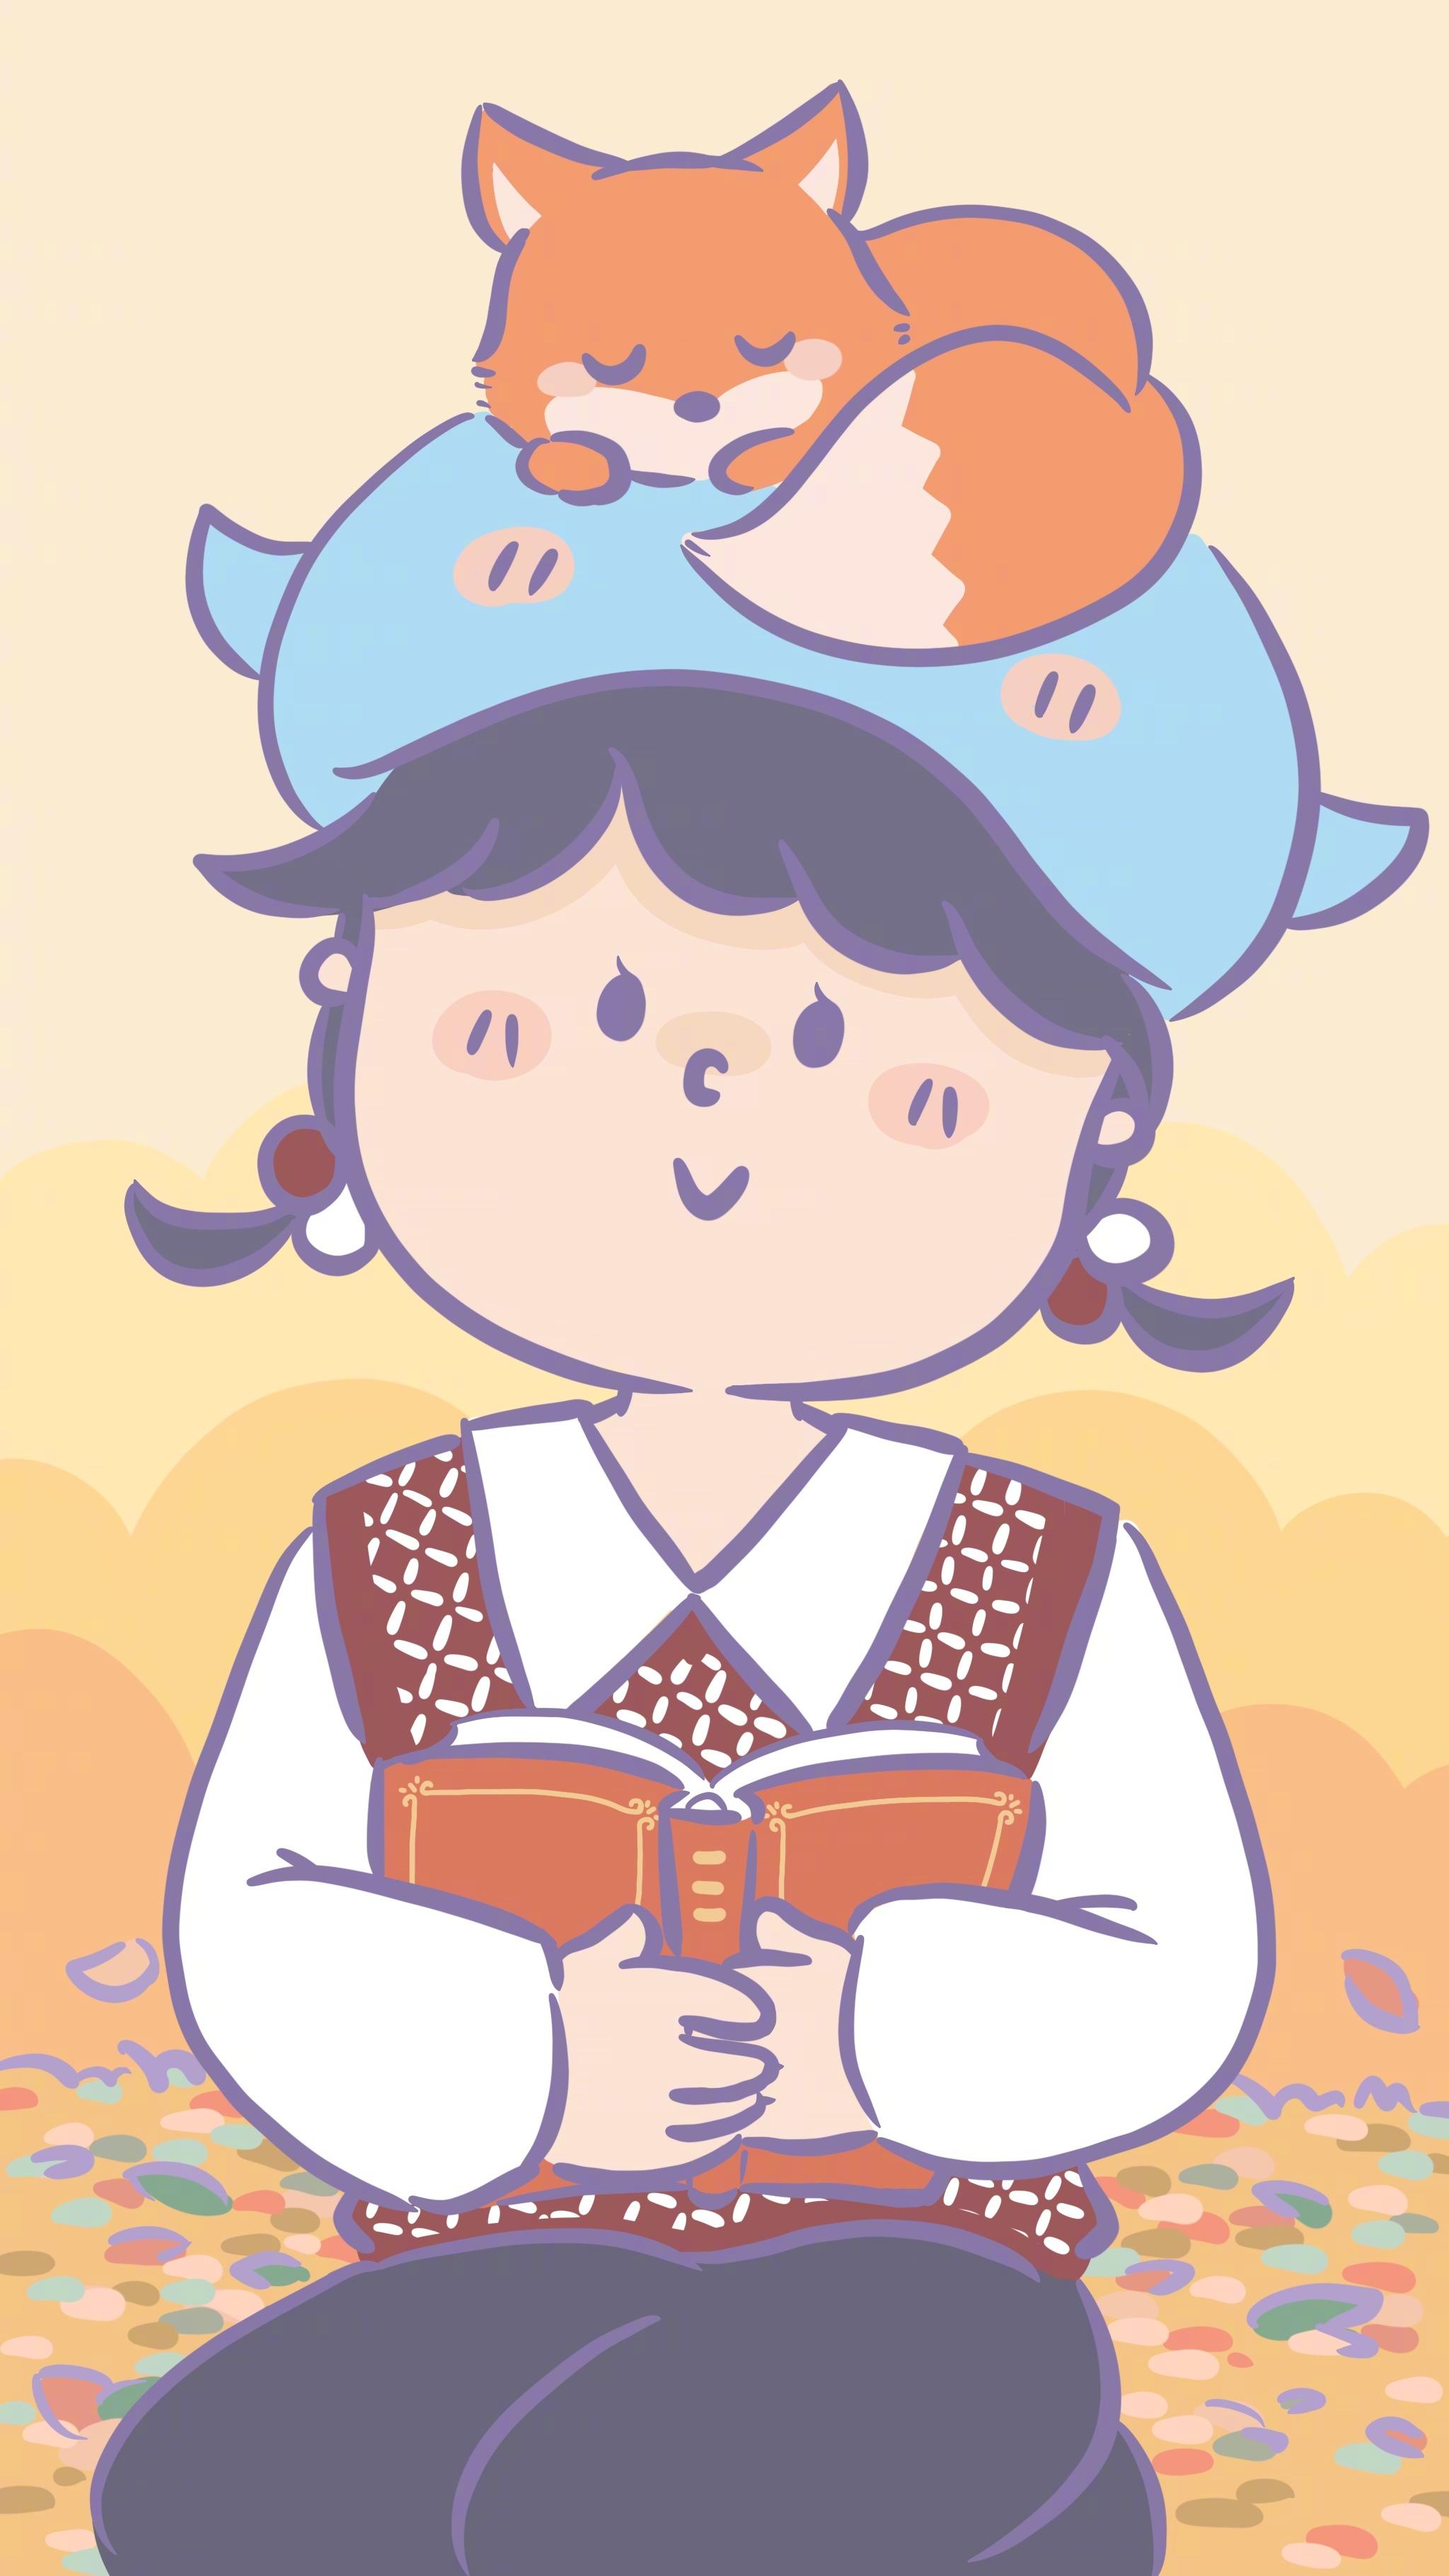 秋天的粽  5明天转发里抽一个朋友勇有小鲸鱼包包 @微博抽奖平台